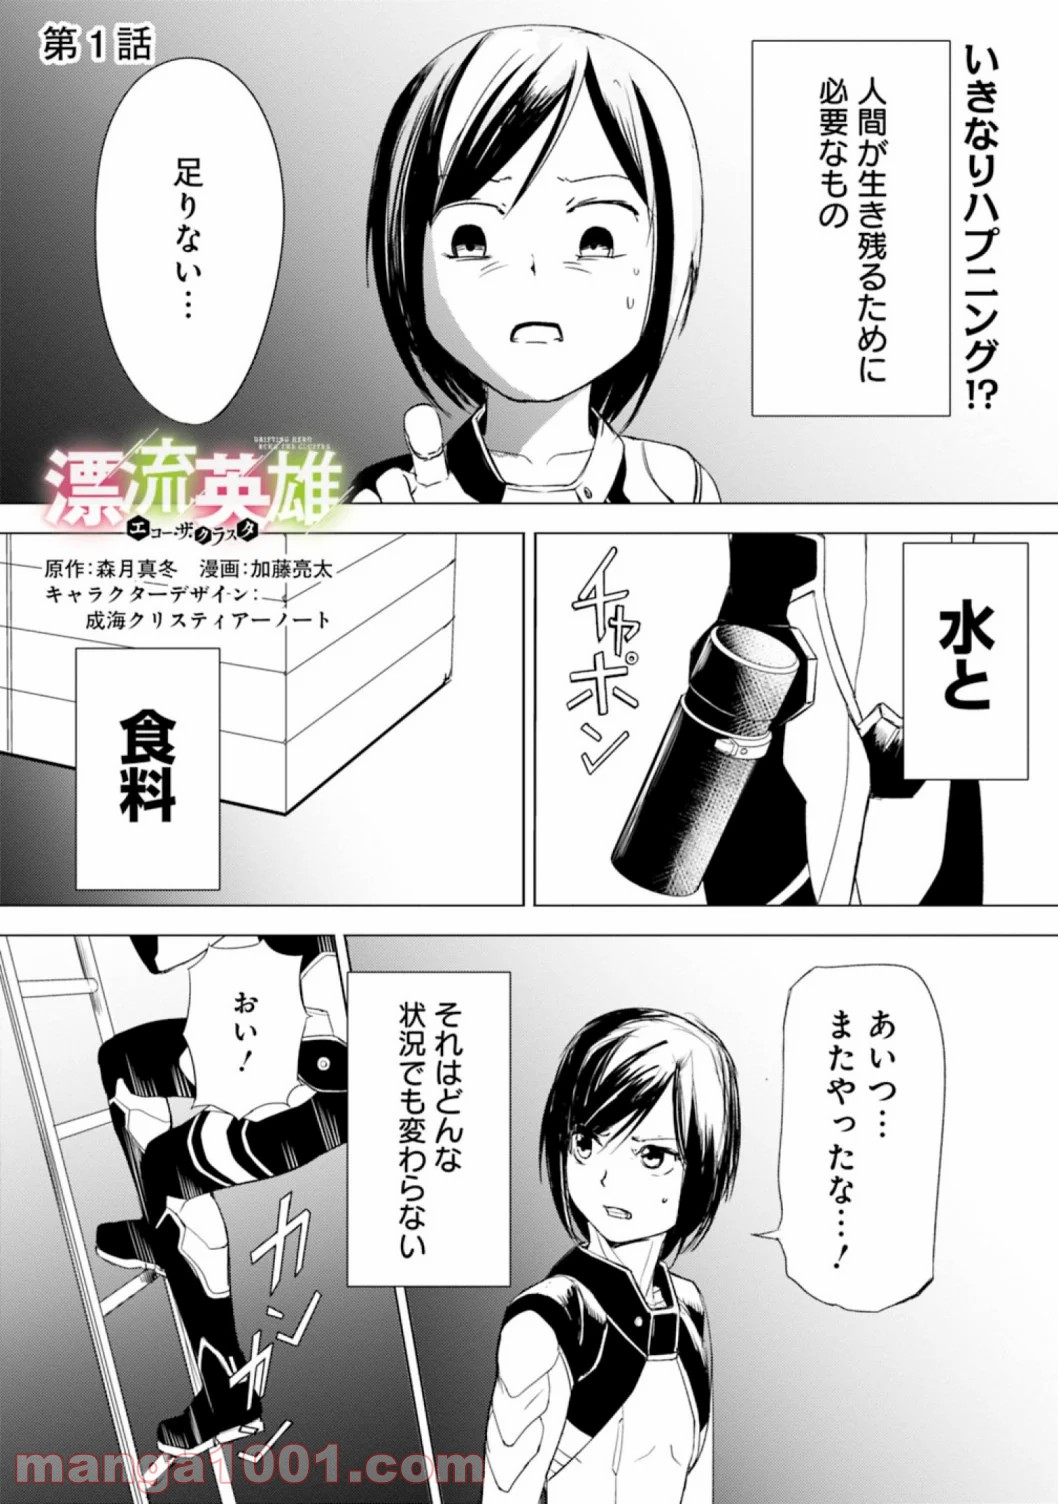 漂流英雄 エコー・ザ・クラスタ - Raw 【第1話】 - Manga1001.com